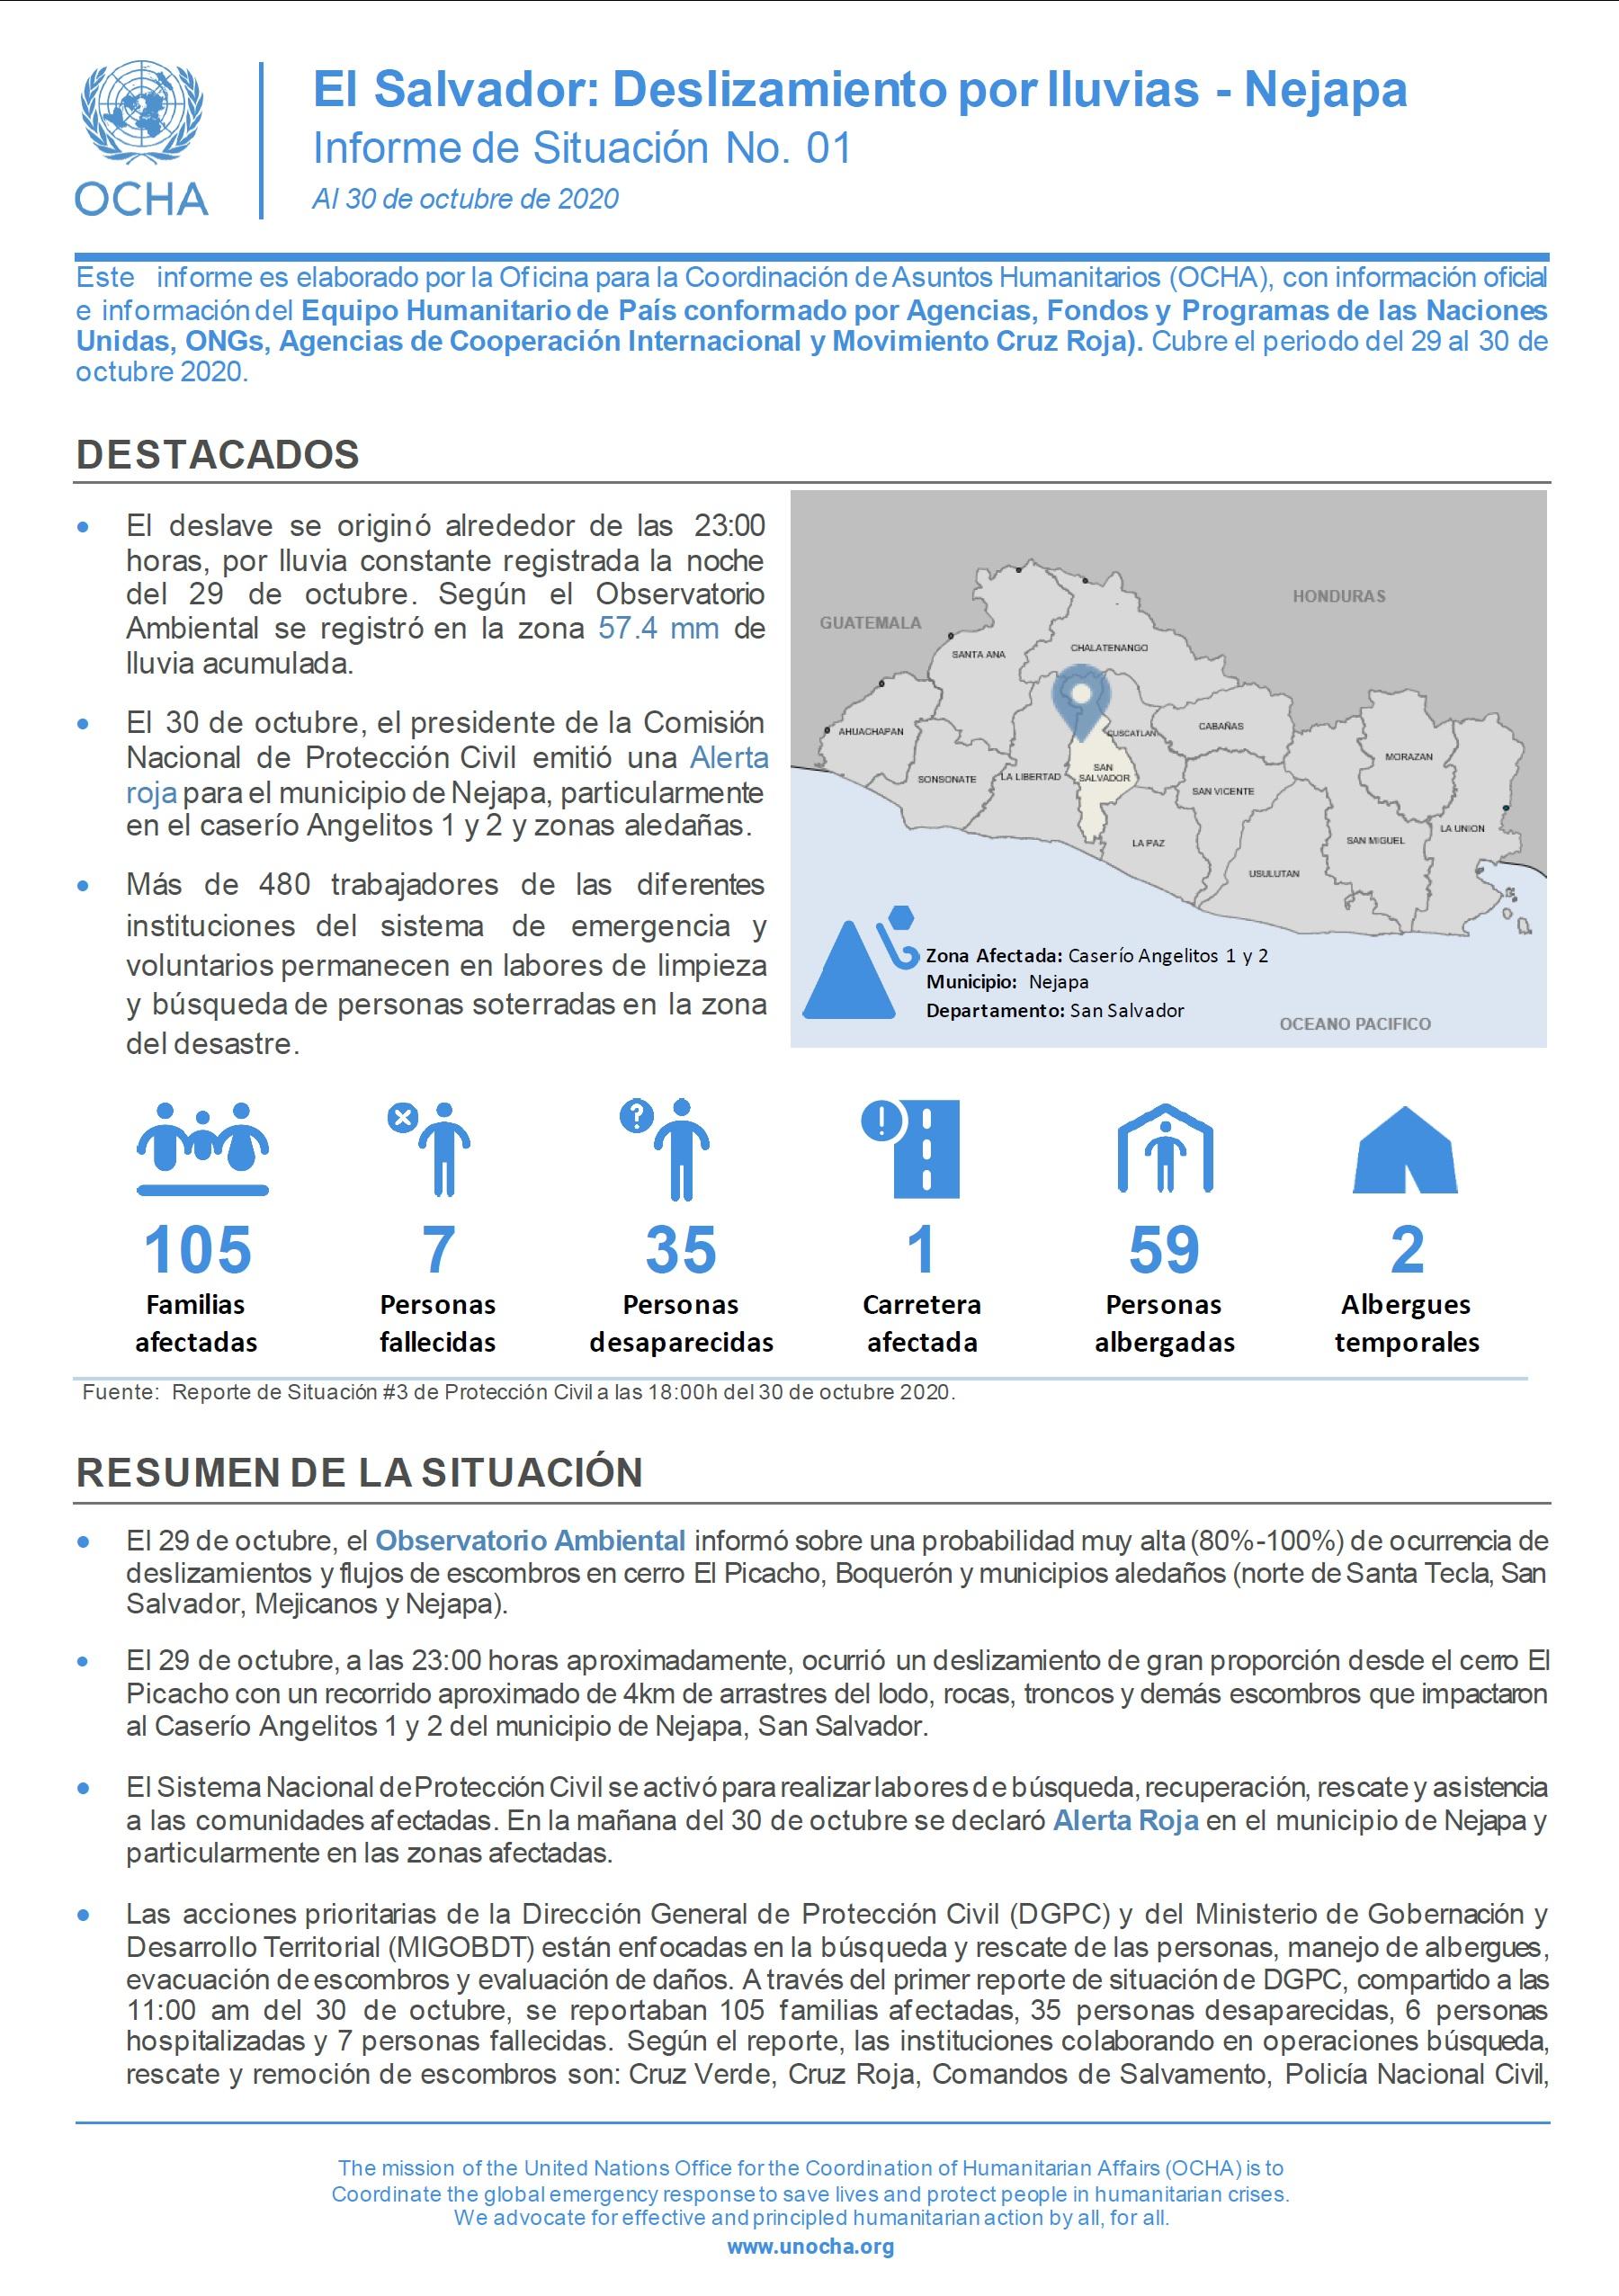 Informe de situación No.1: deslave por lluvia en Nejapa